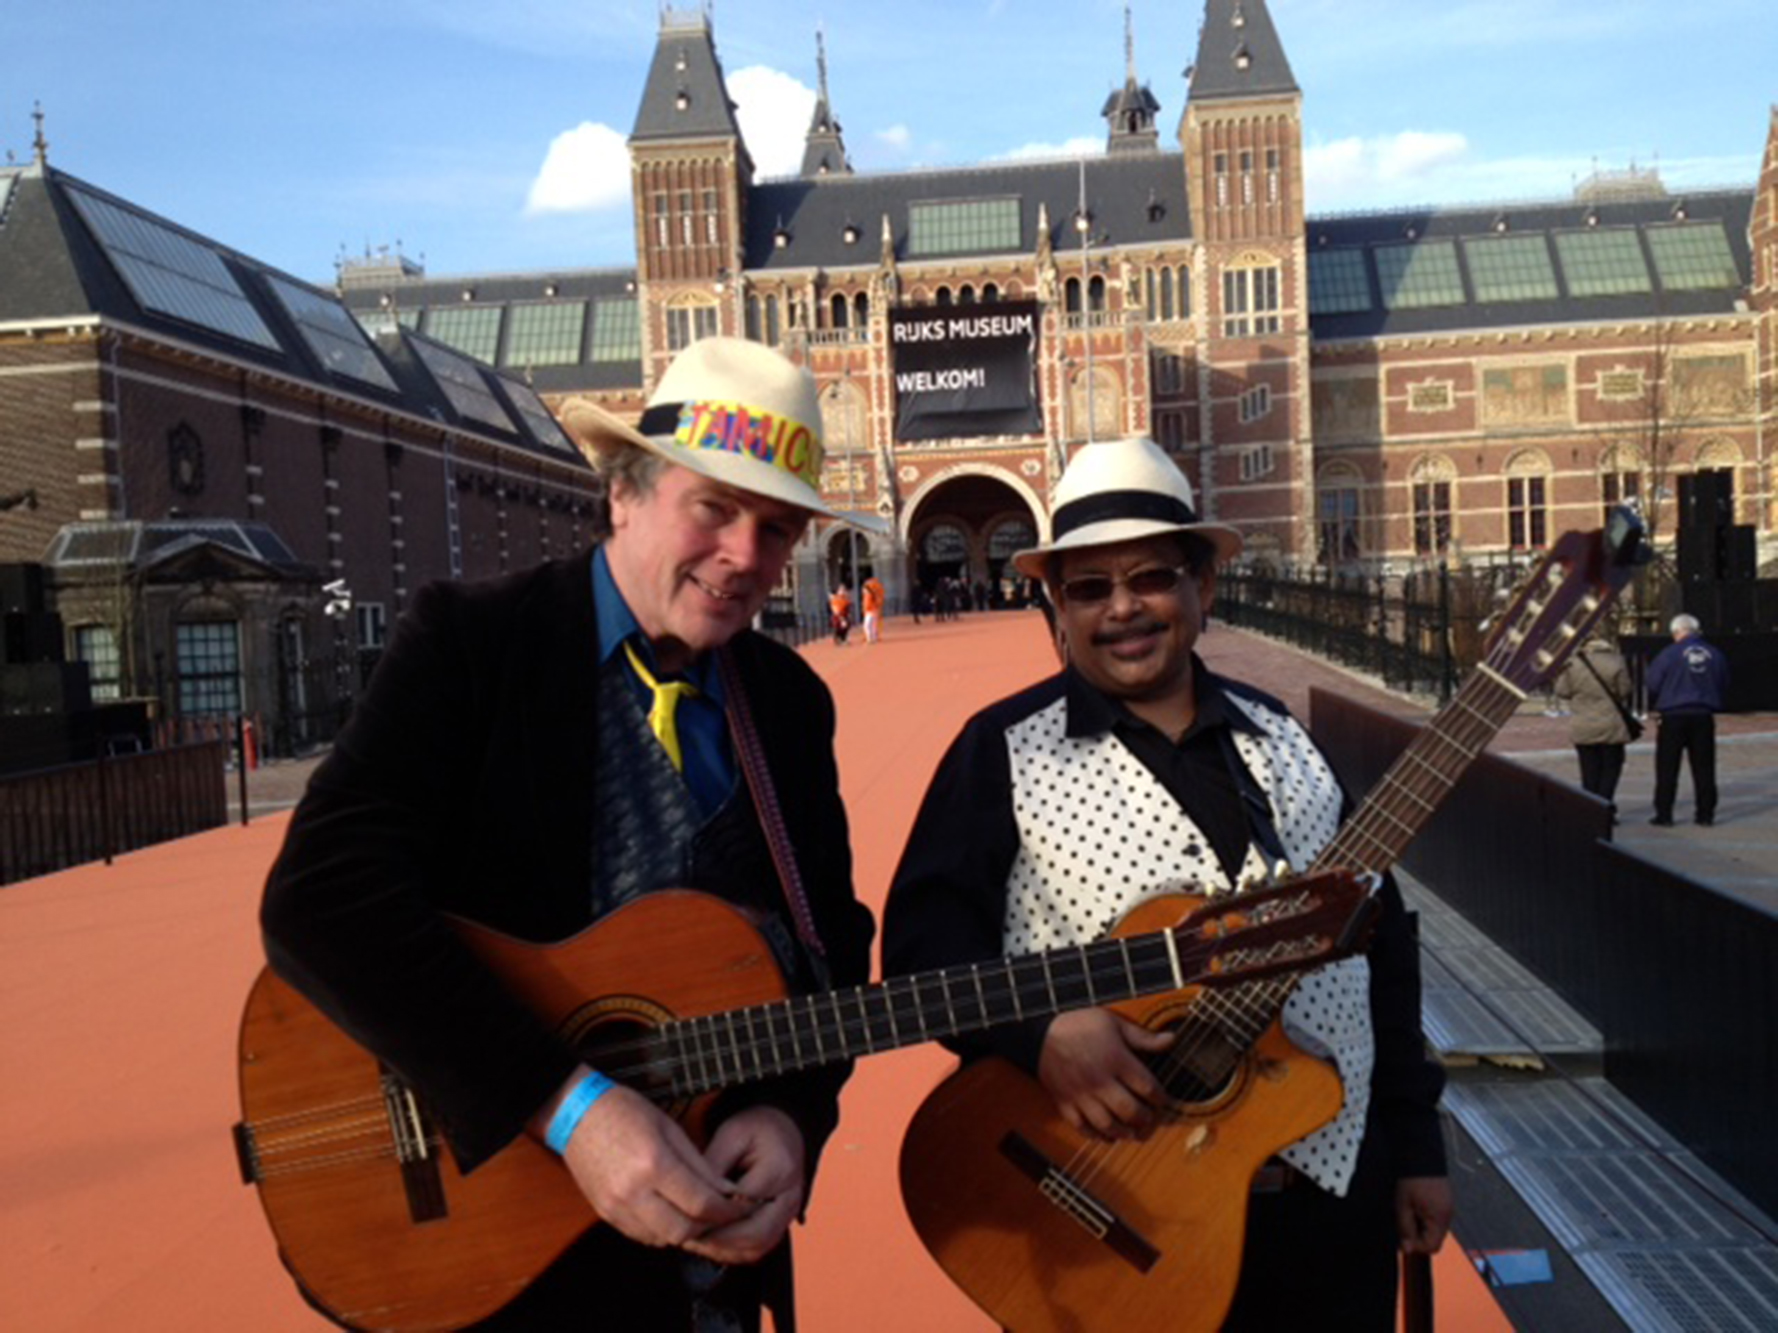 Tamicos Rijksmuseum 13 april 2013.JPG